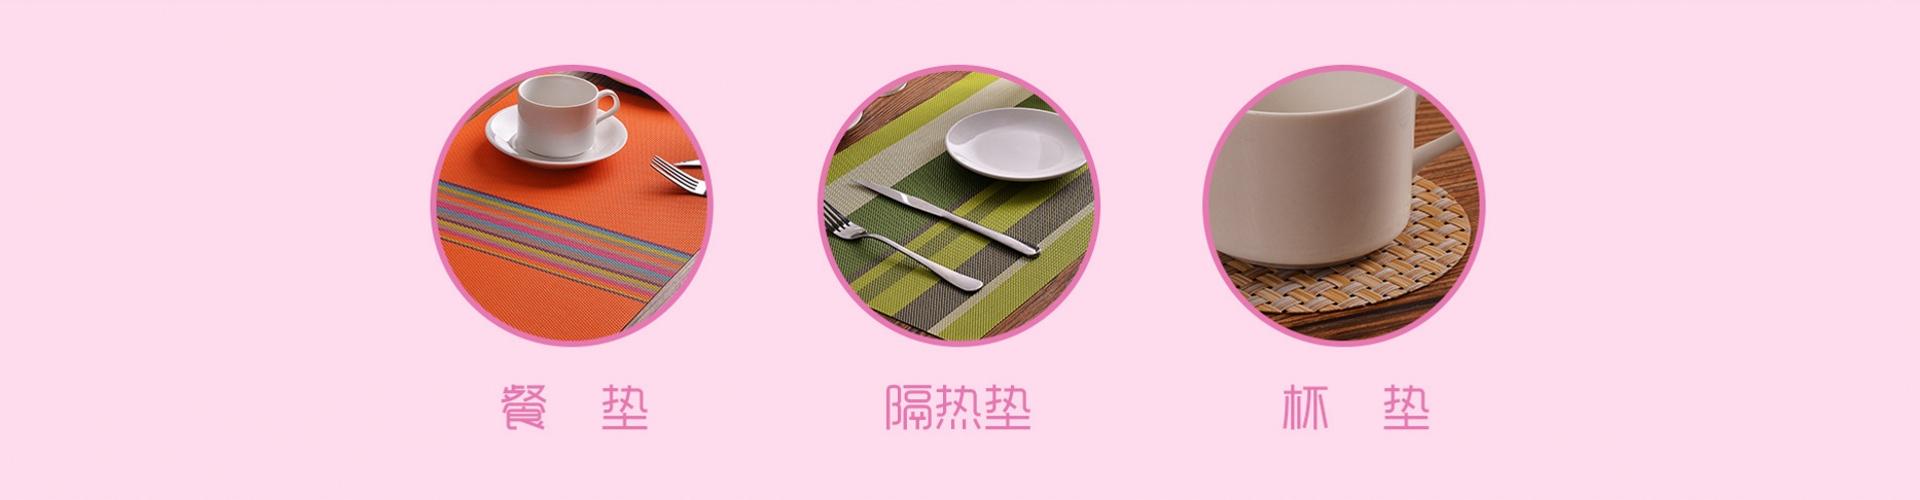 餐具垫厂家